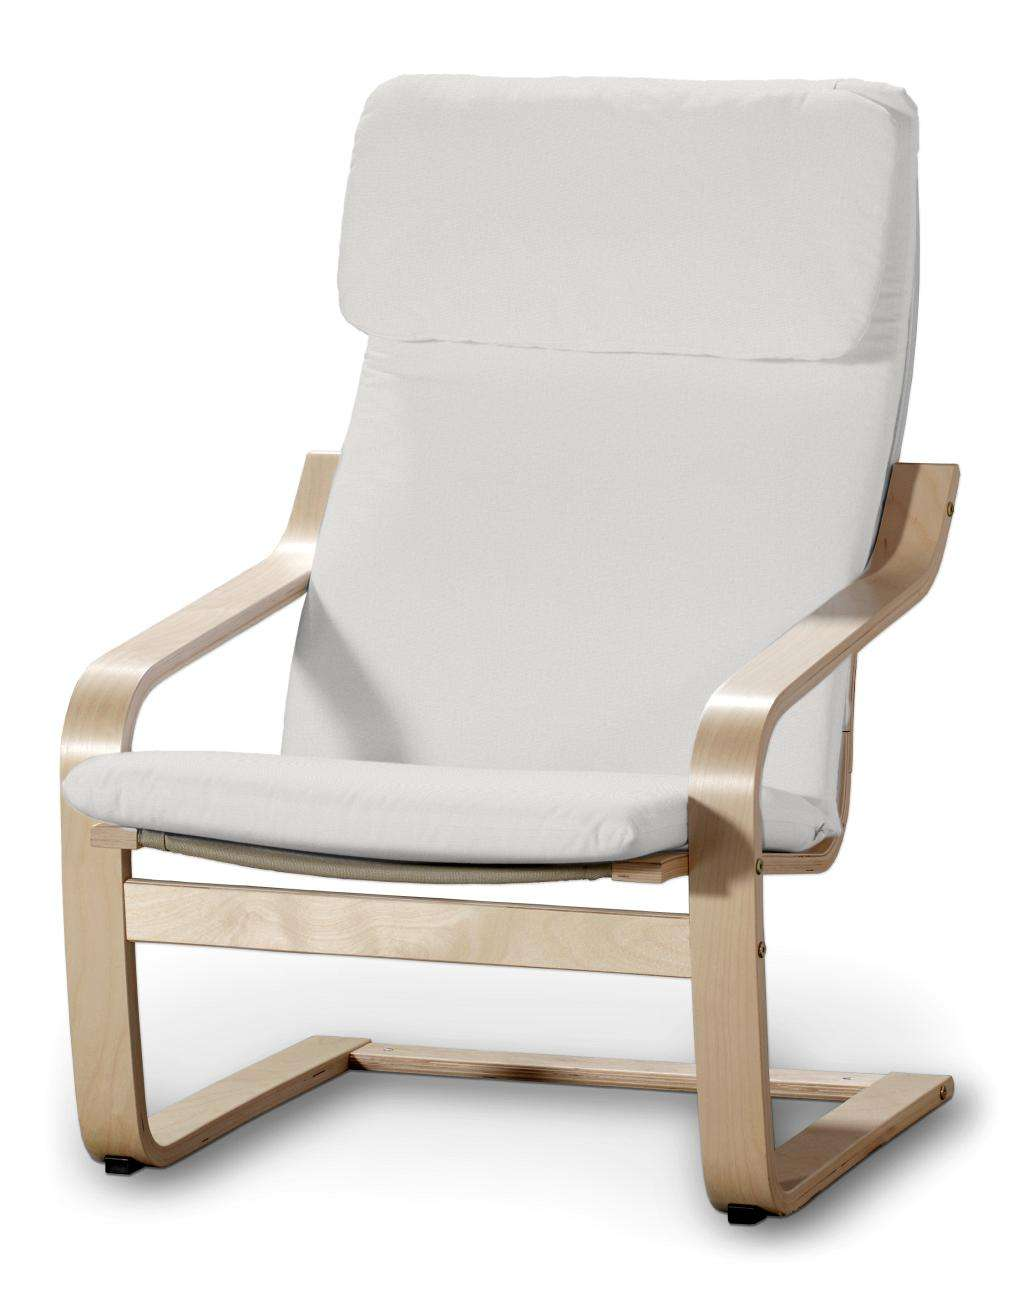 Poäng Sesselbezug I, naturweiß, Sessel Poäng, Etna